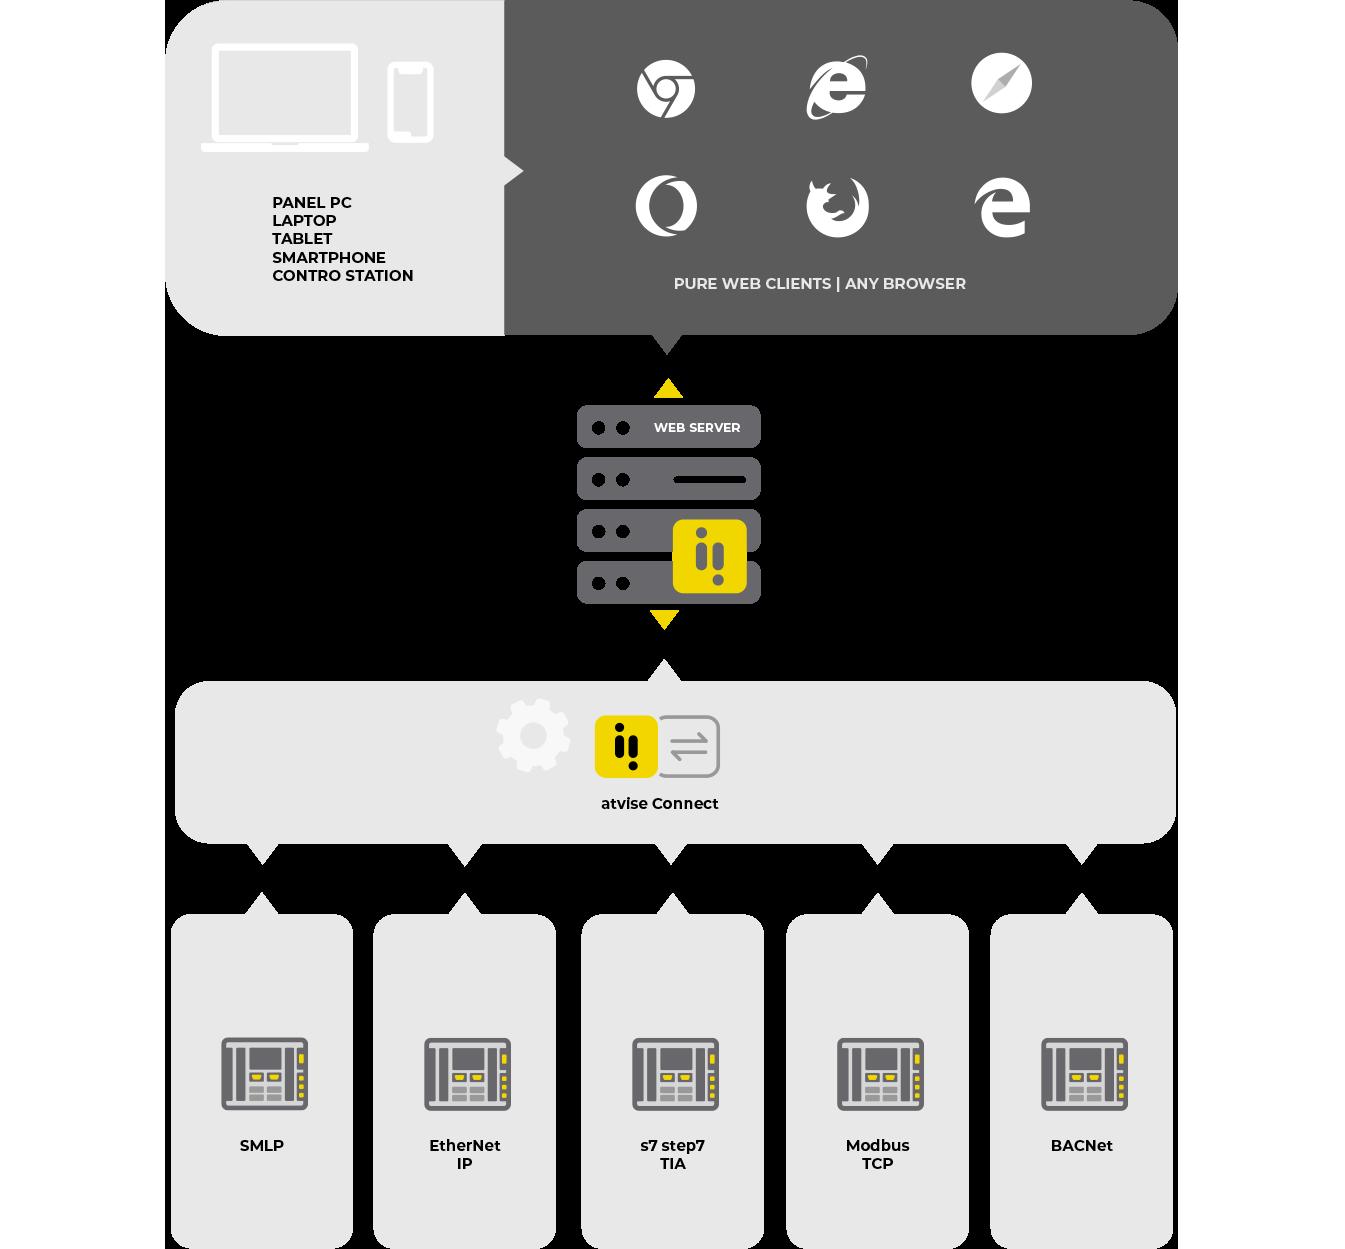 arquitectura atvise connect